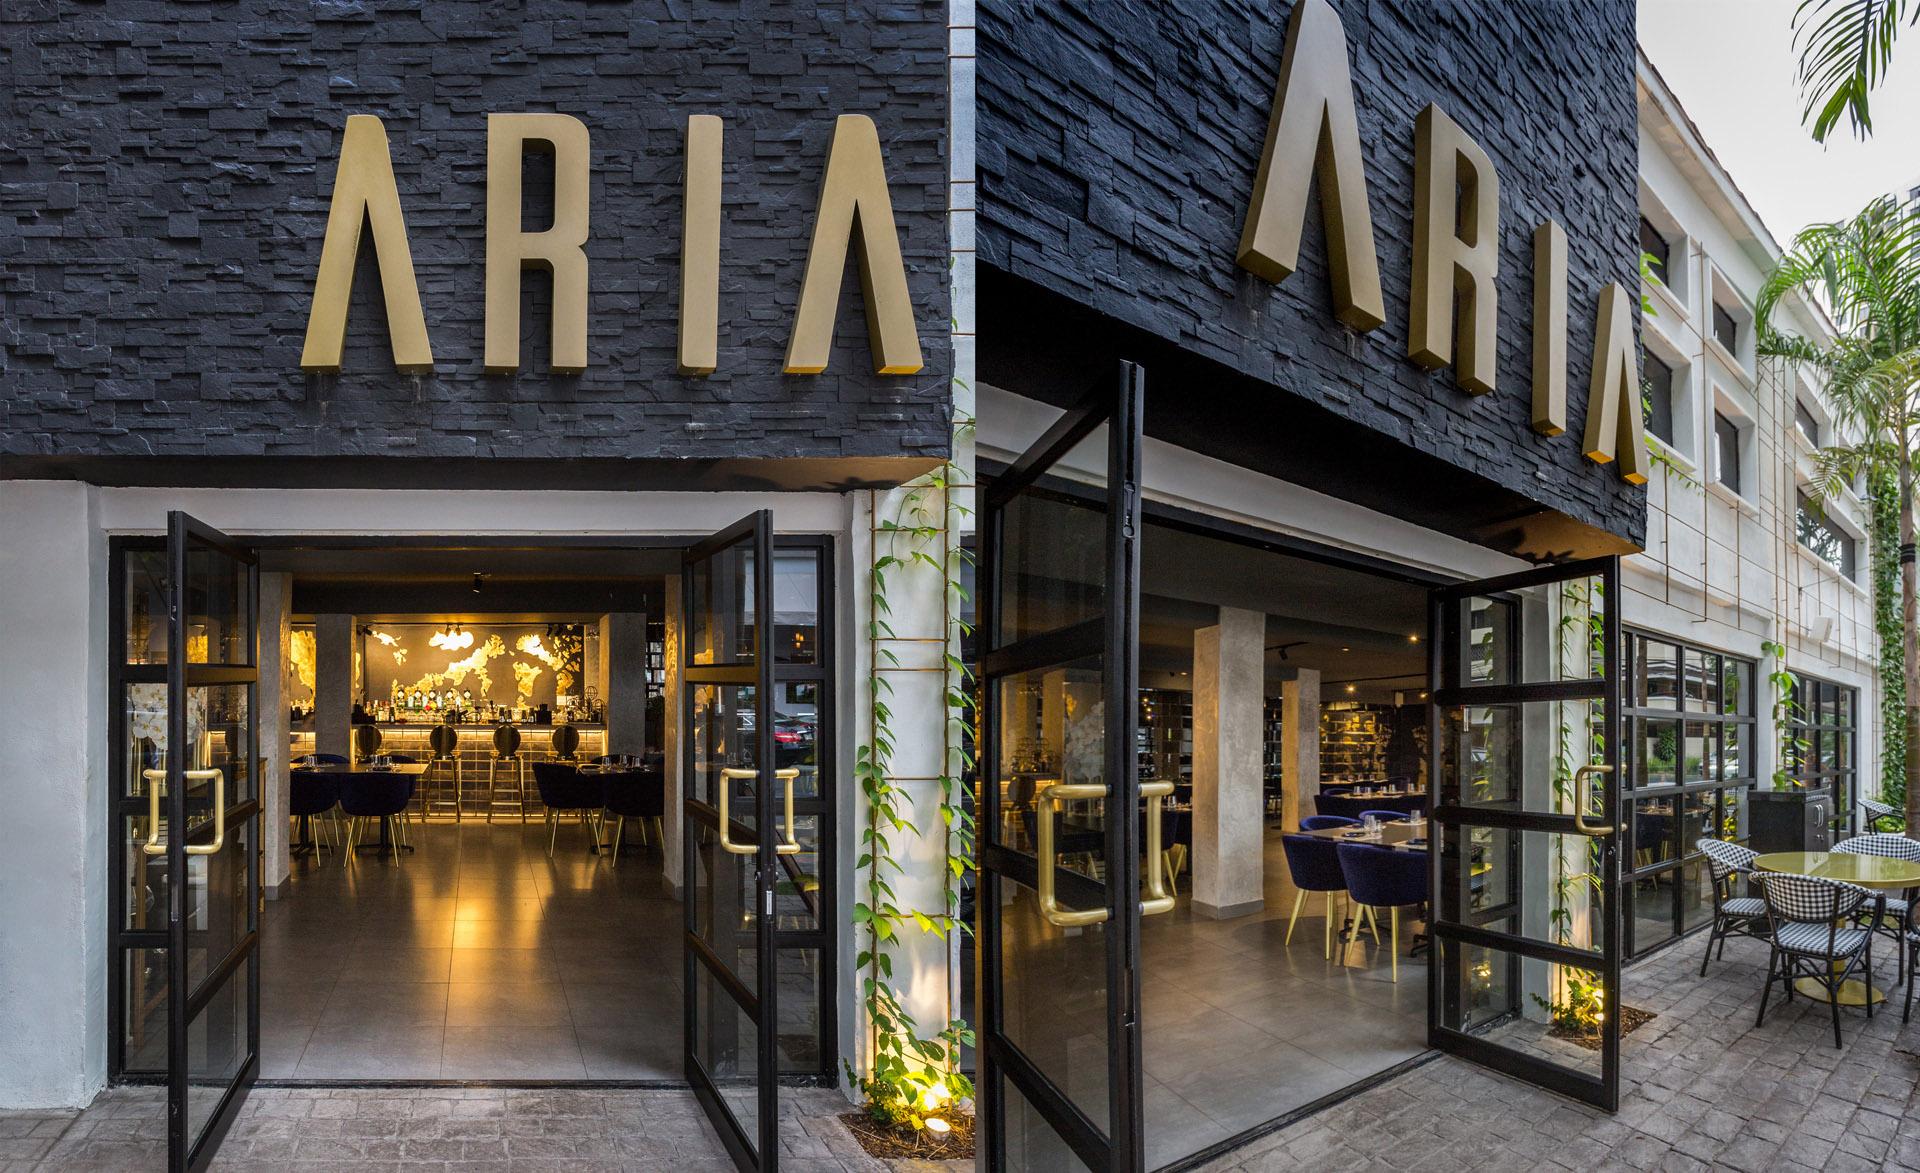 ARIA-ALTA-1